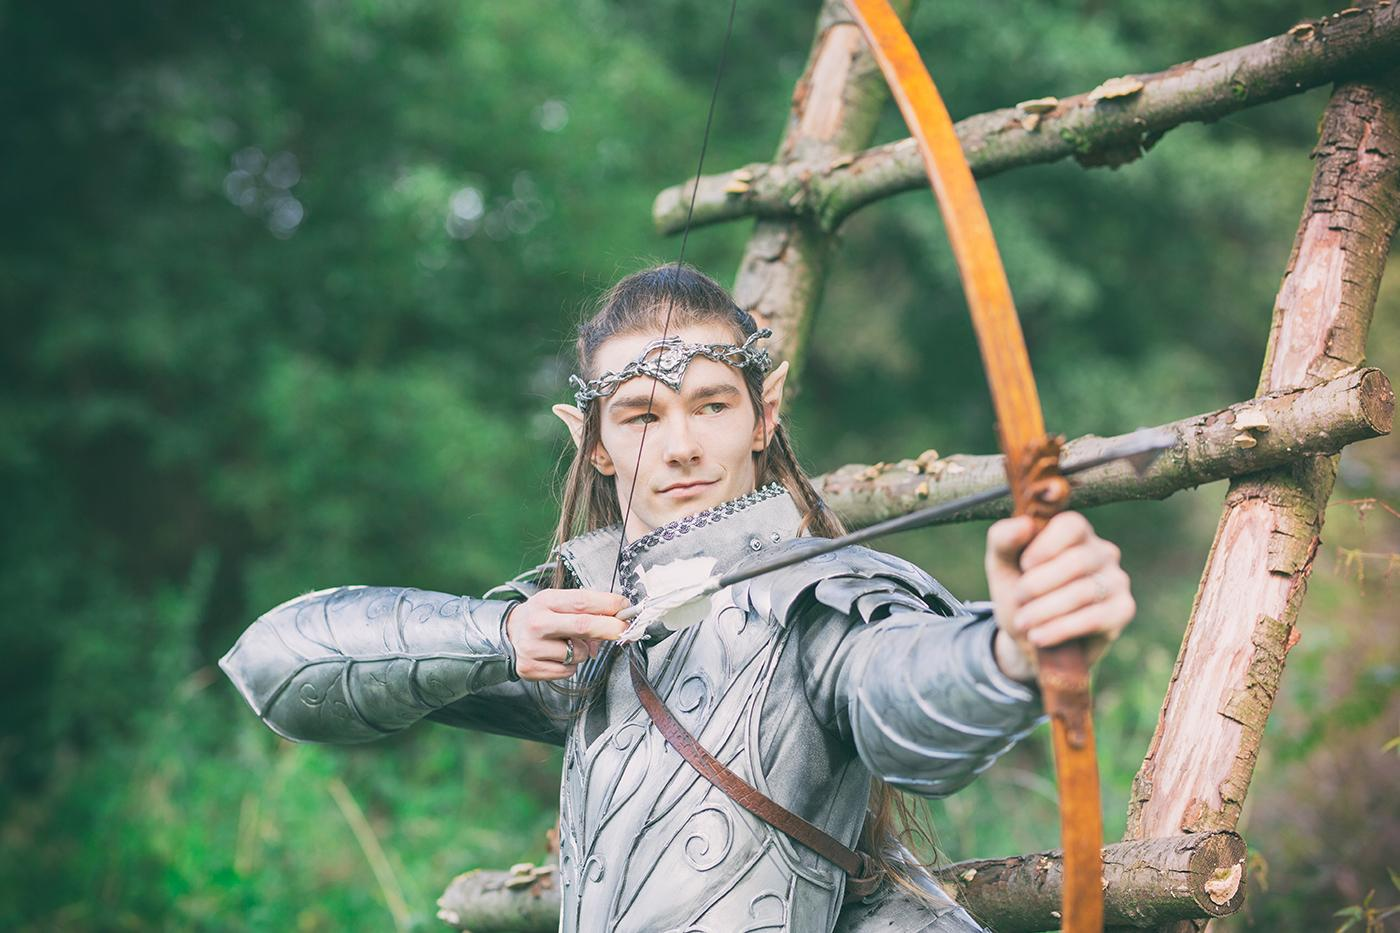 Od dawna tliła mi się wizja na sesje ślubną w stylu fantasy. Elfy, ponieważ są moimi ulubionymi postaciami fantasy.